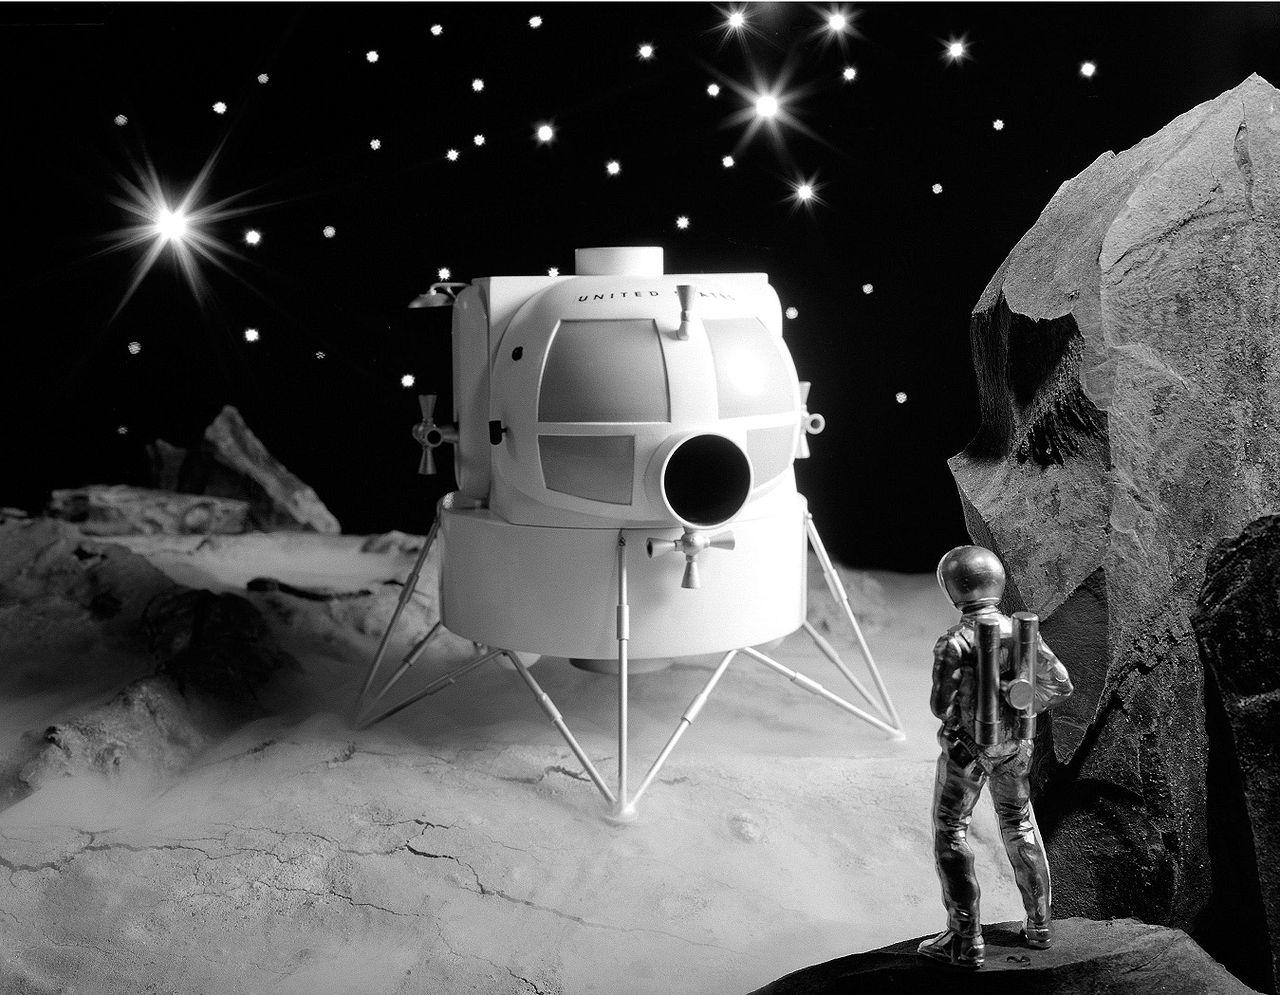 https://en.wikipedia.org/wiki/Moon_landing Image: A 1963 conceptual model of the Apollo Lunar Excursion Module